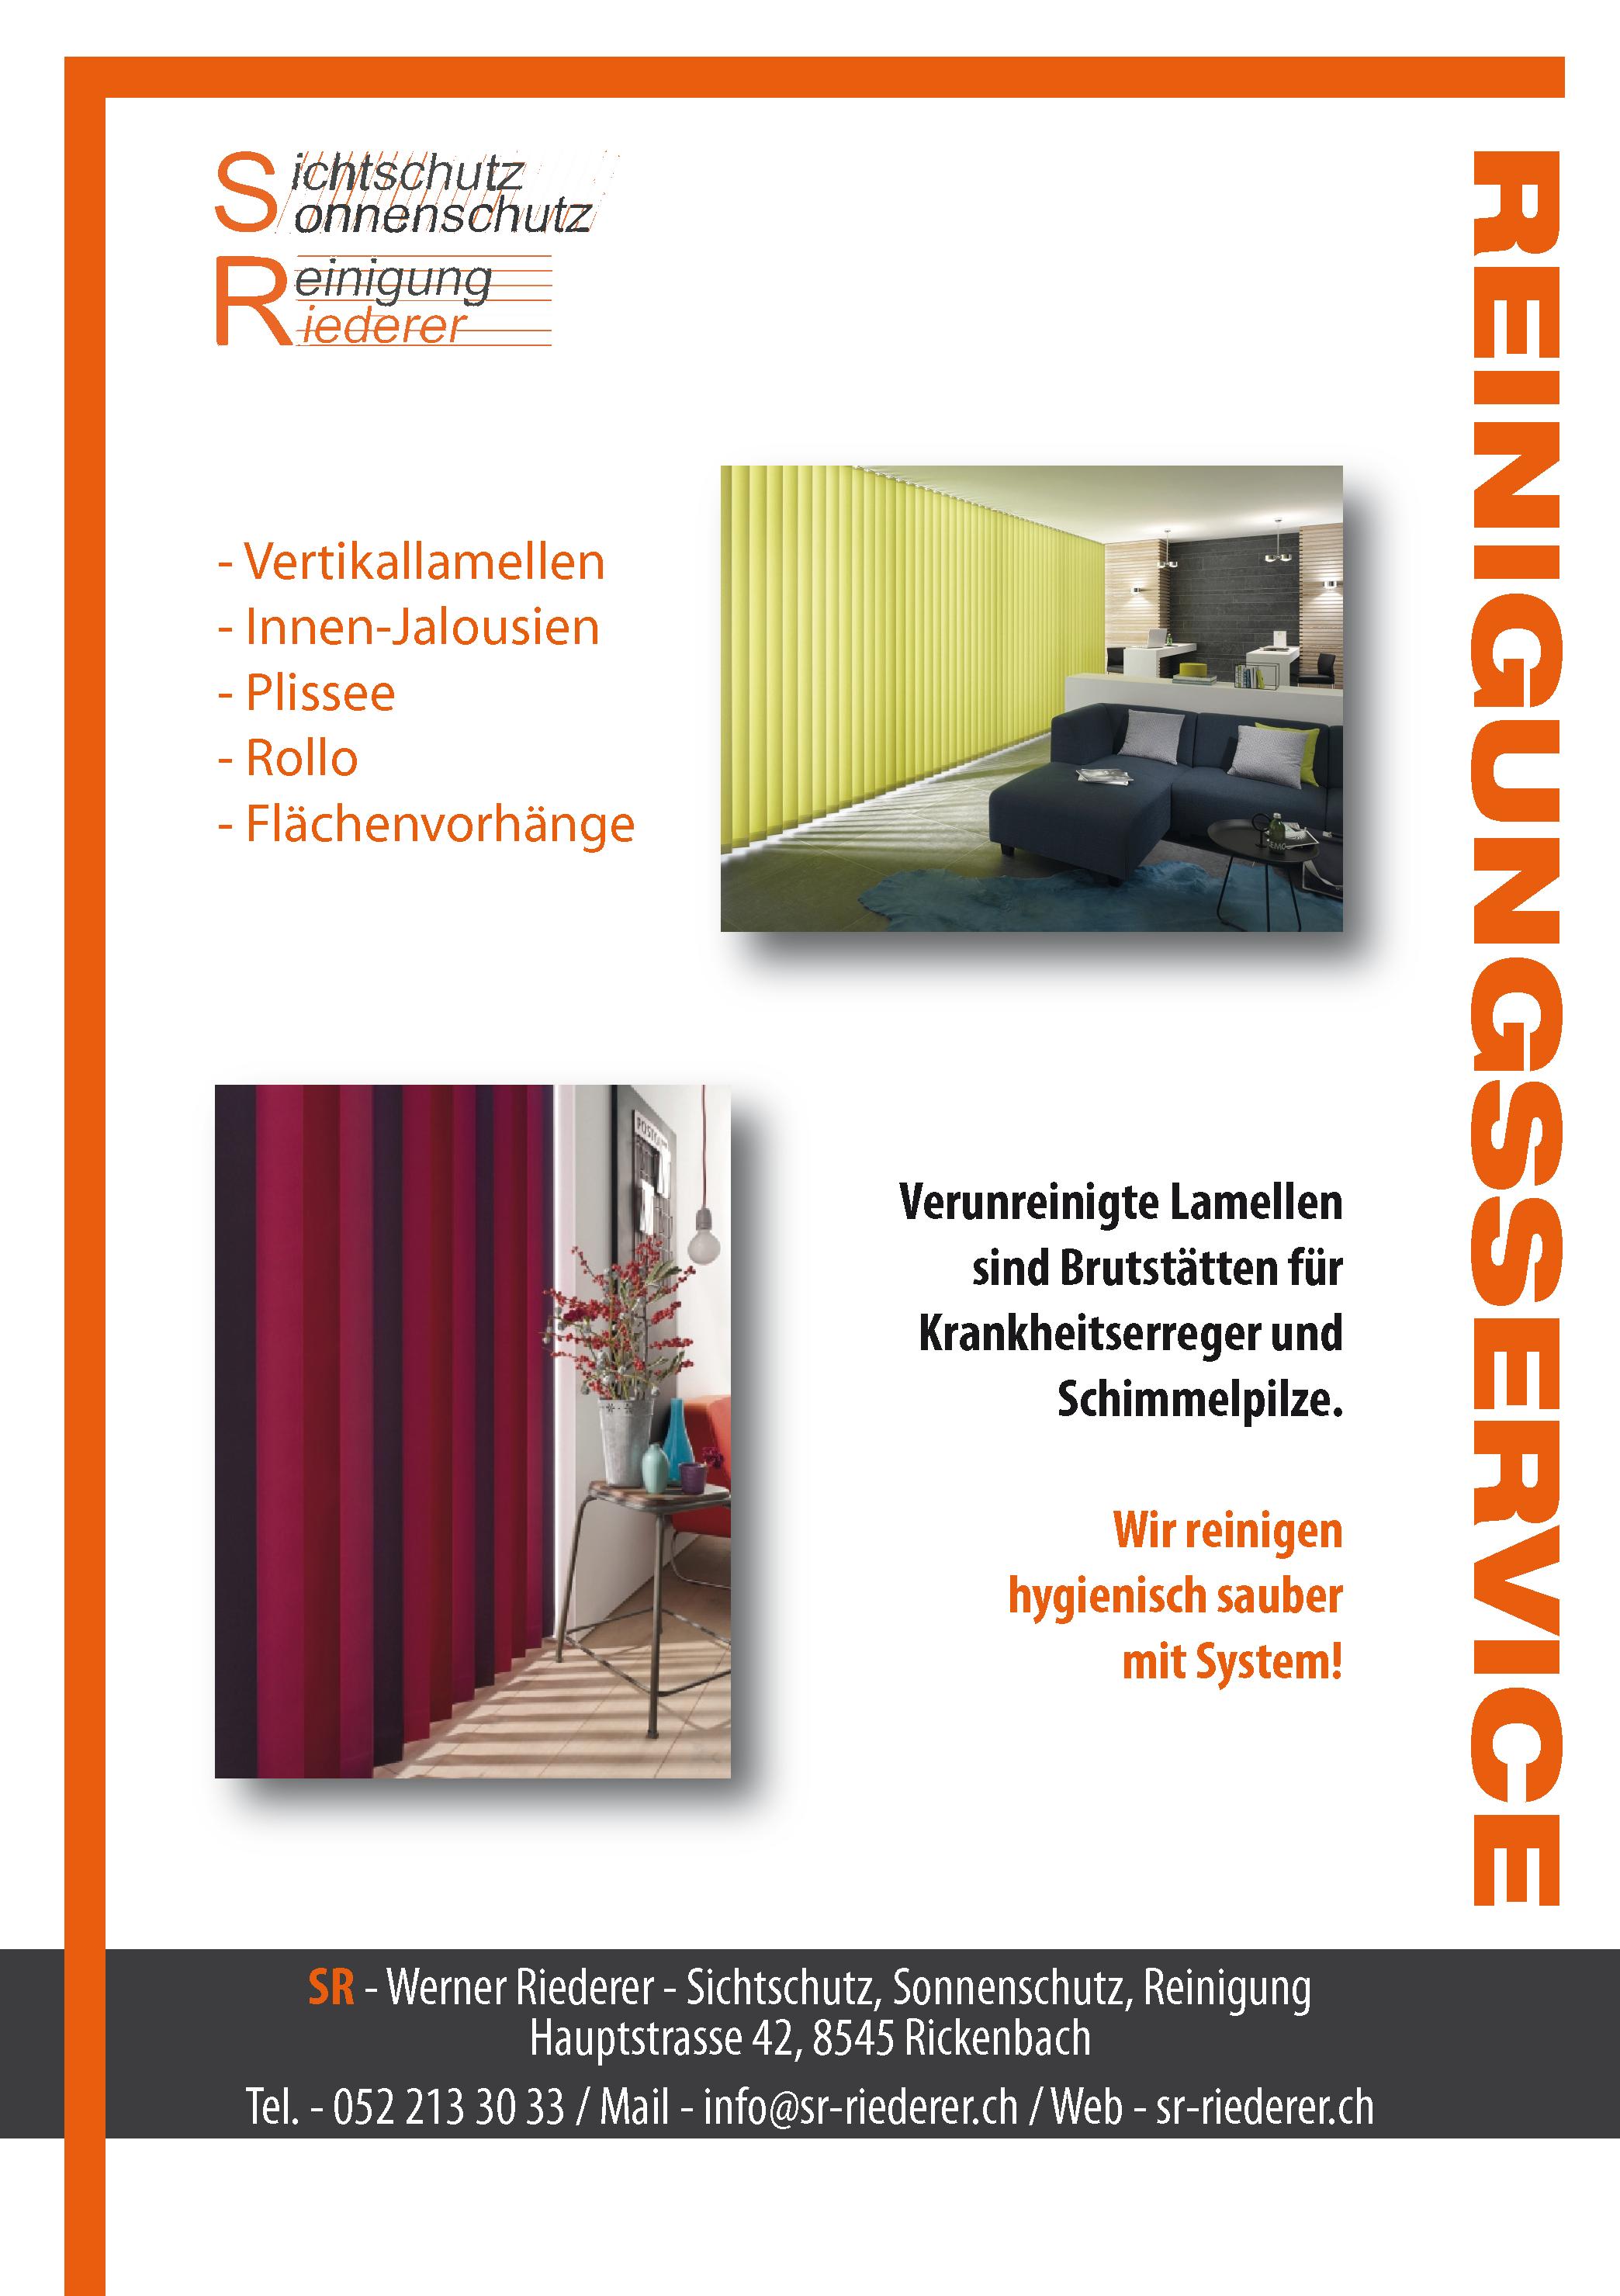 Schön Flyer Vorlagen Reinigen Bilder - Entry Level Resume Vorlagen ...